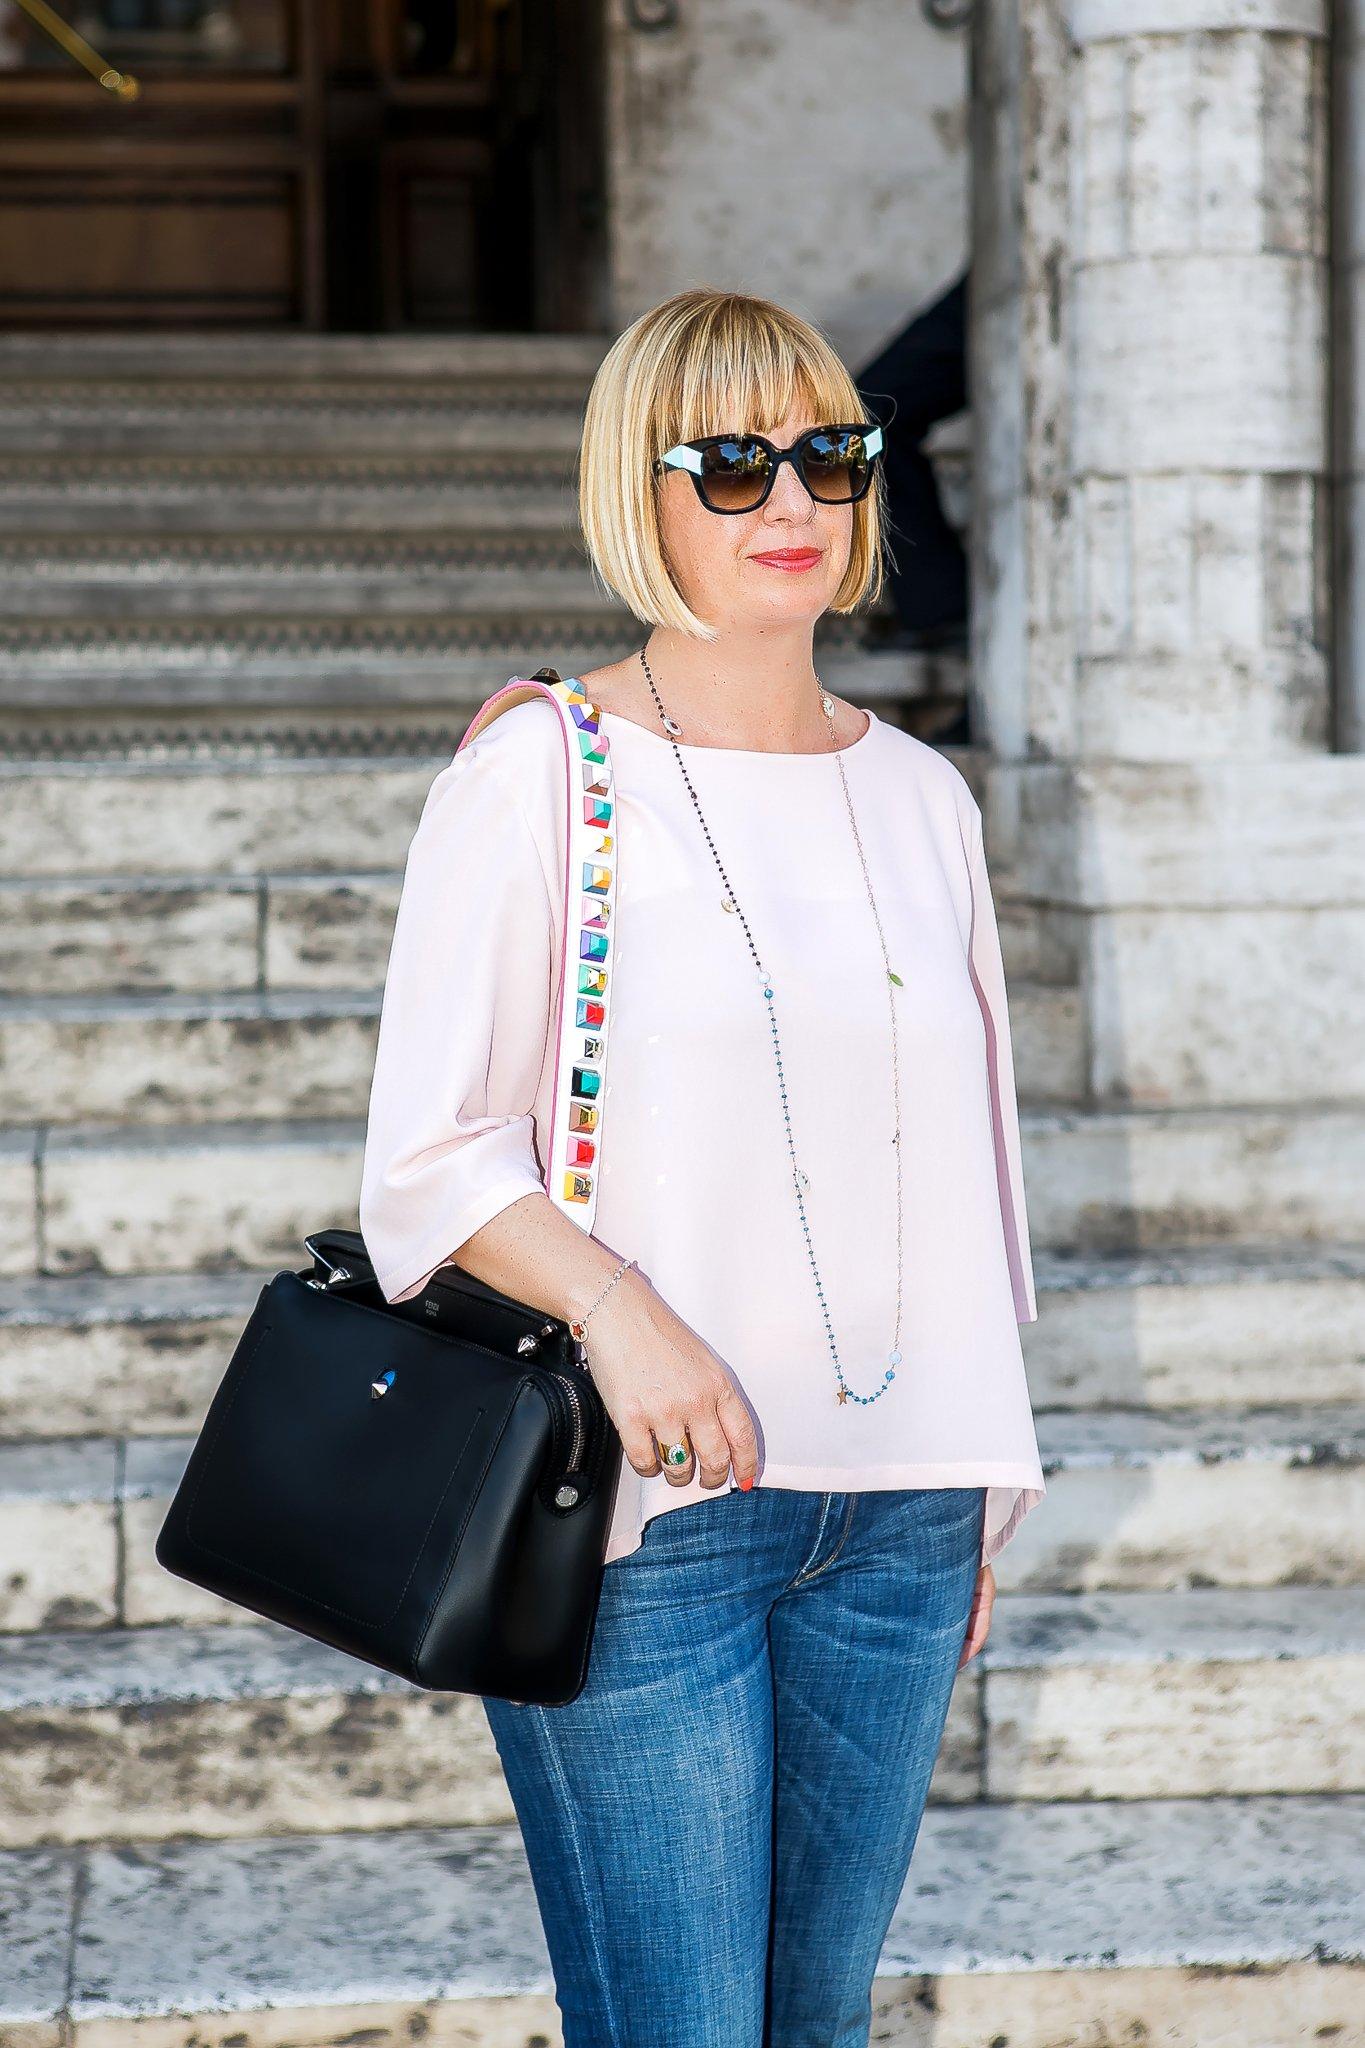 Foto di Claudia con la borsa Fendi DotCom